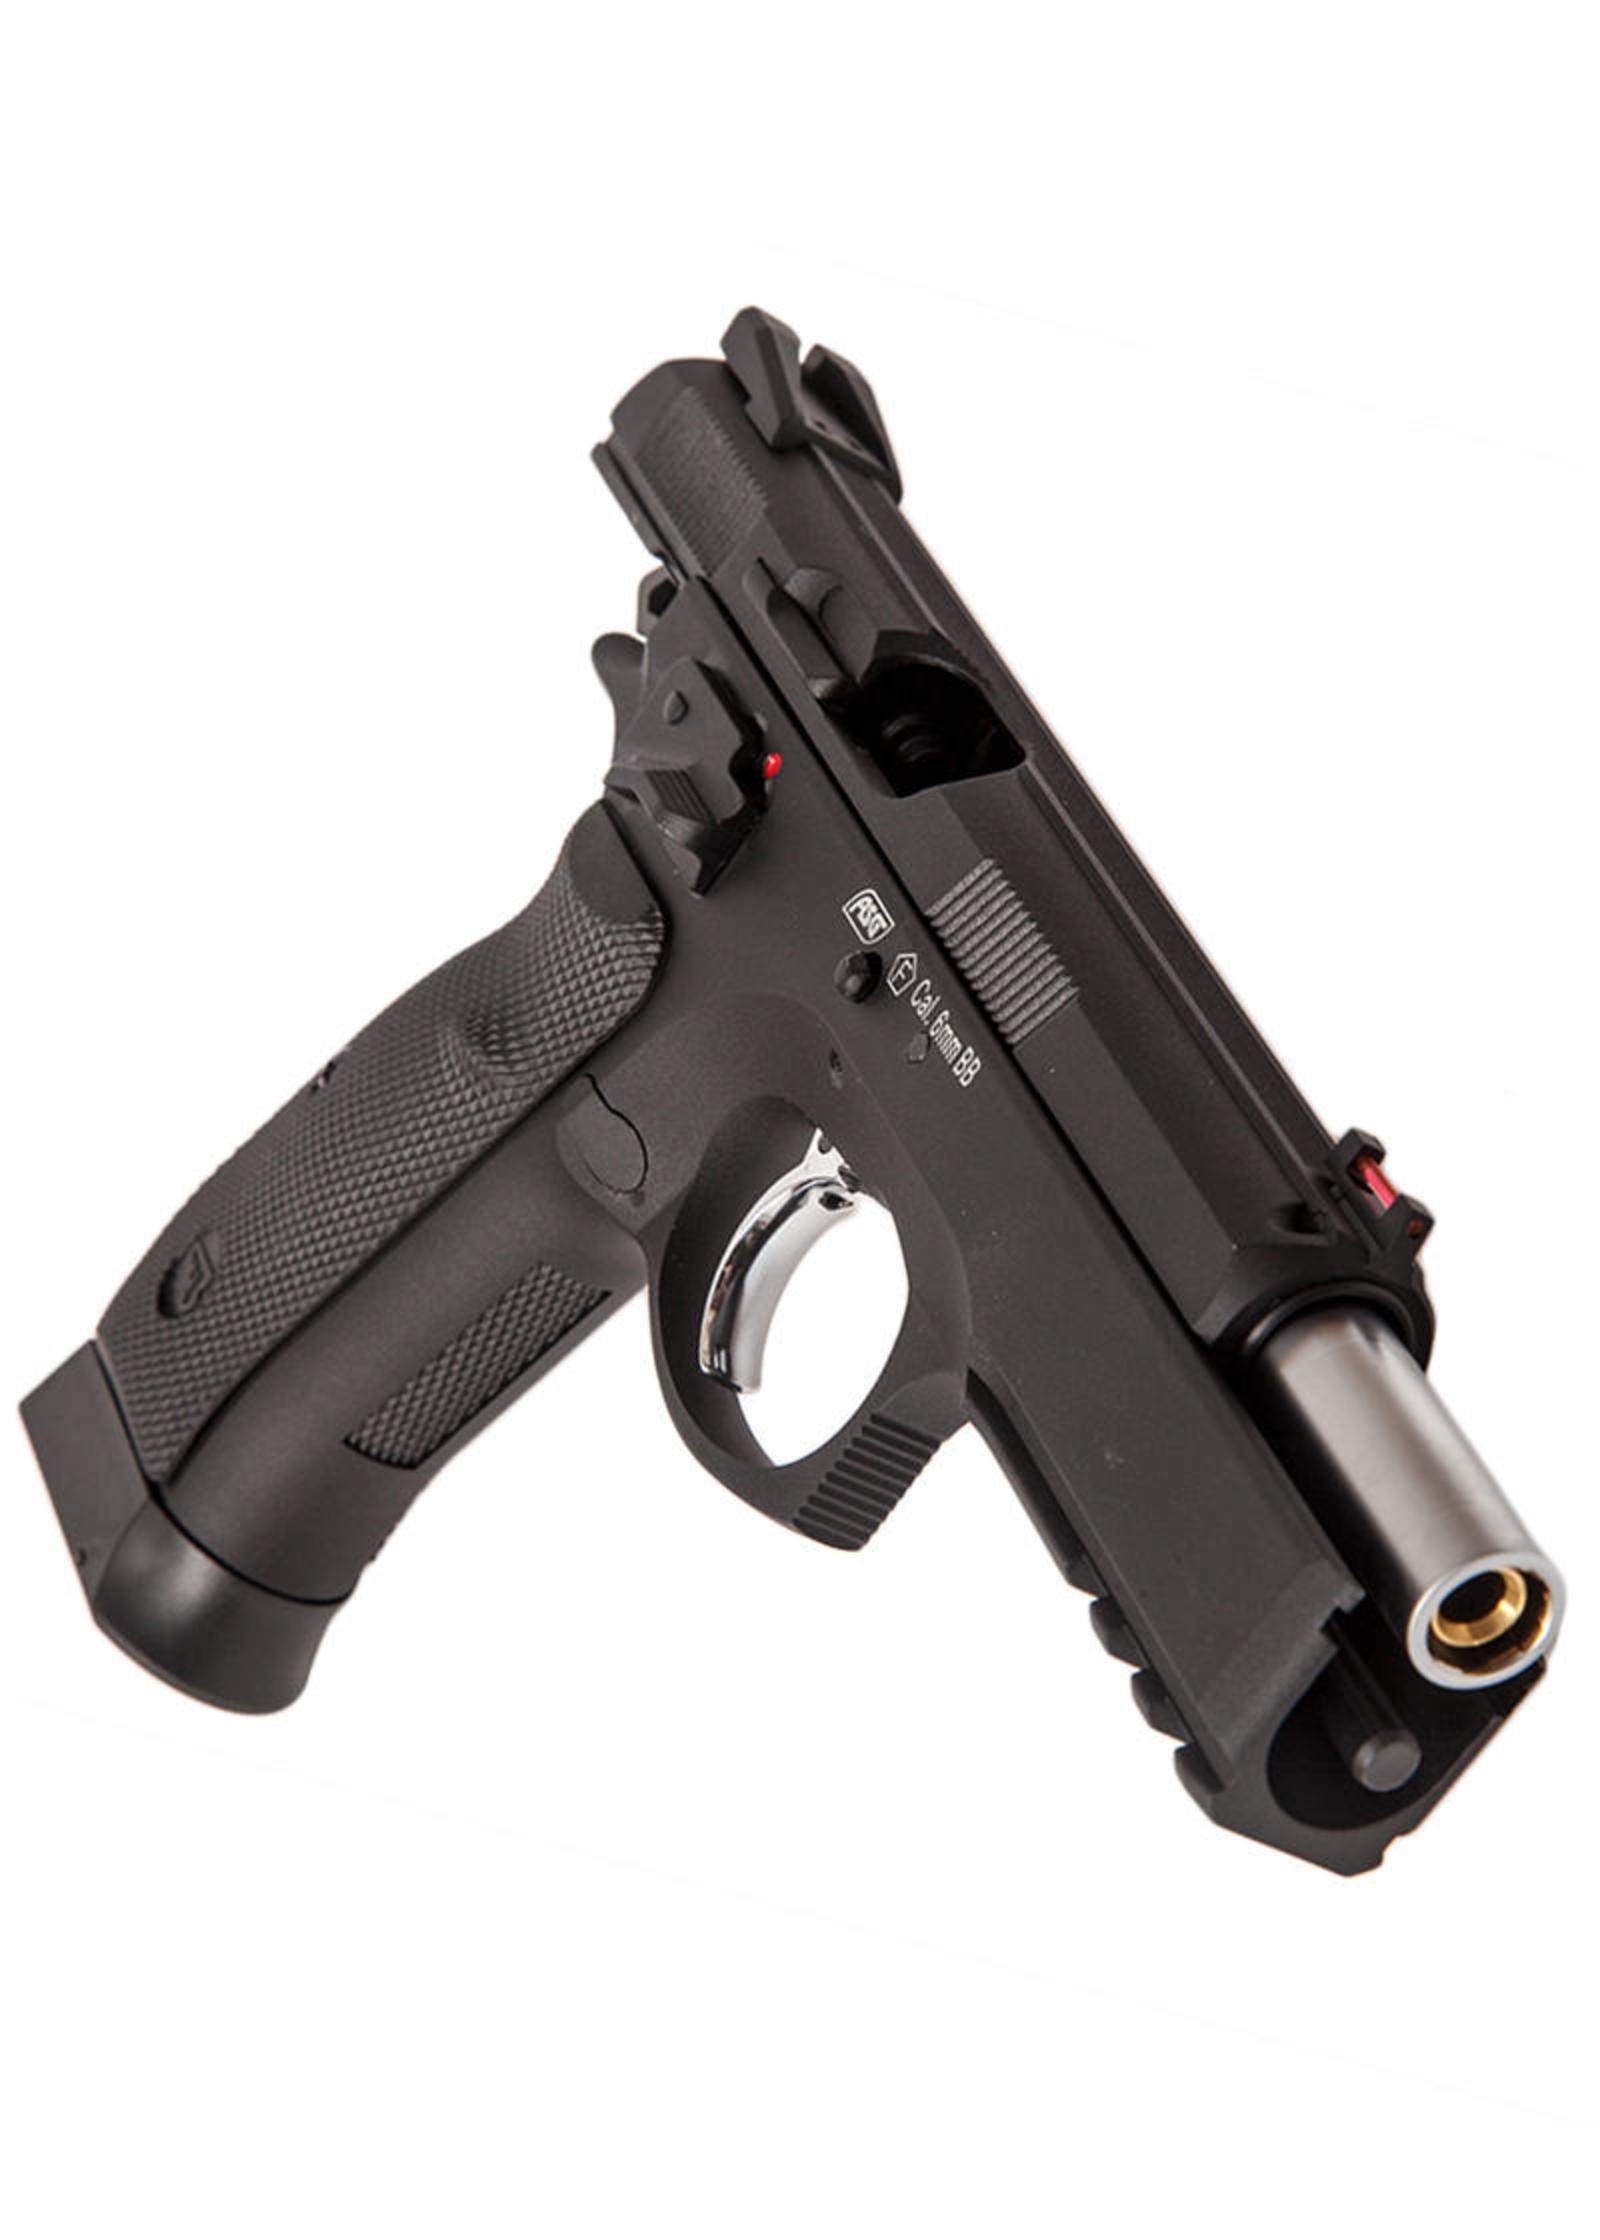 ASG CZ SP-01 SHADOW AIRSOFT pištolj full metal --AKCIJA